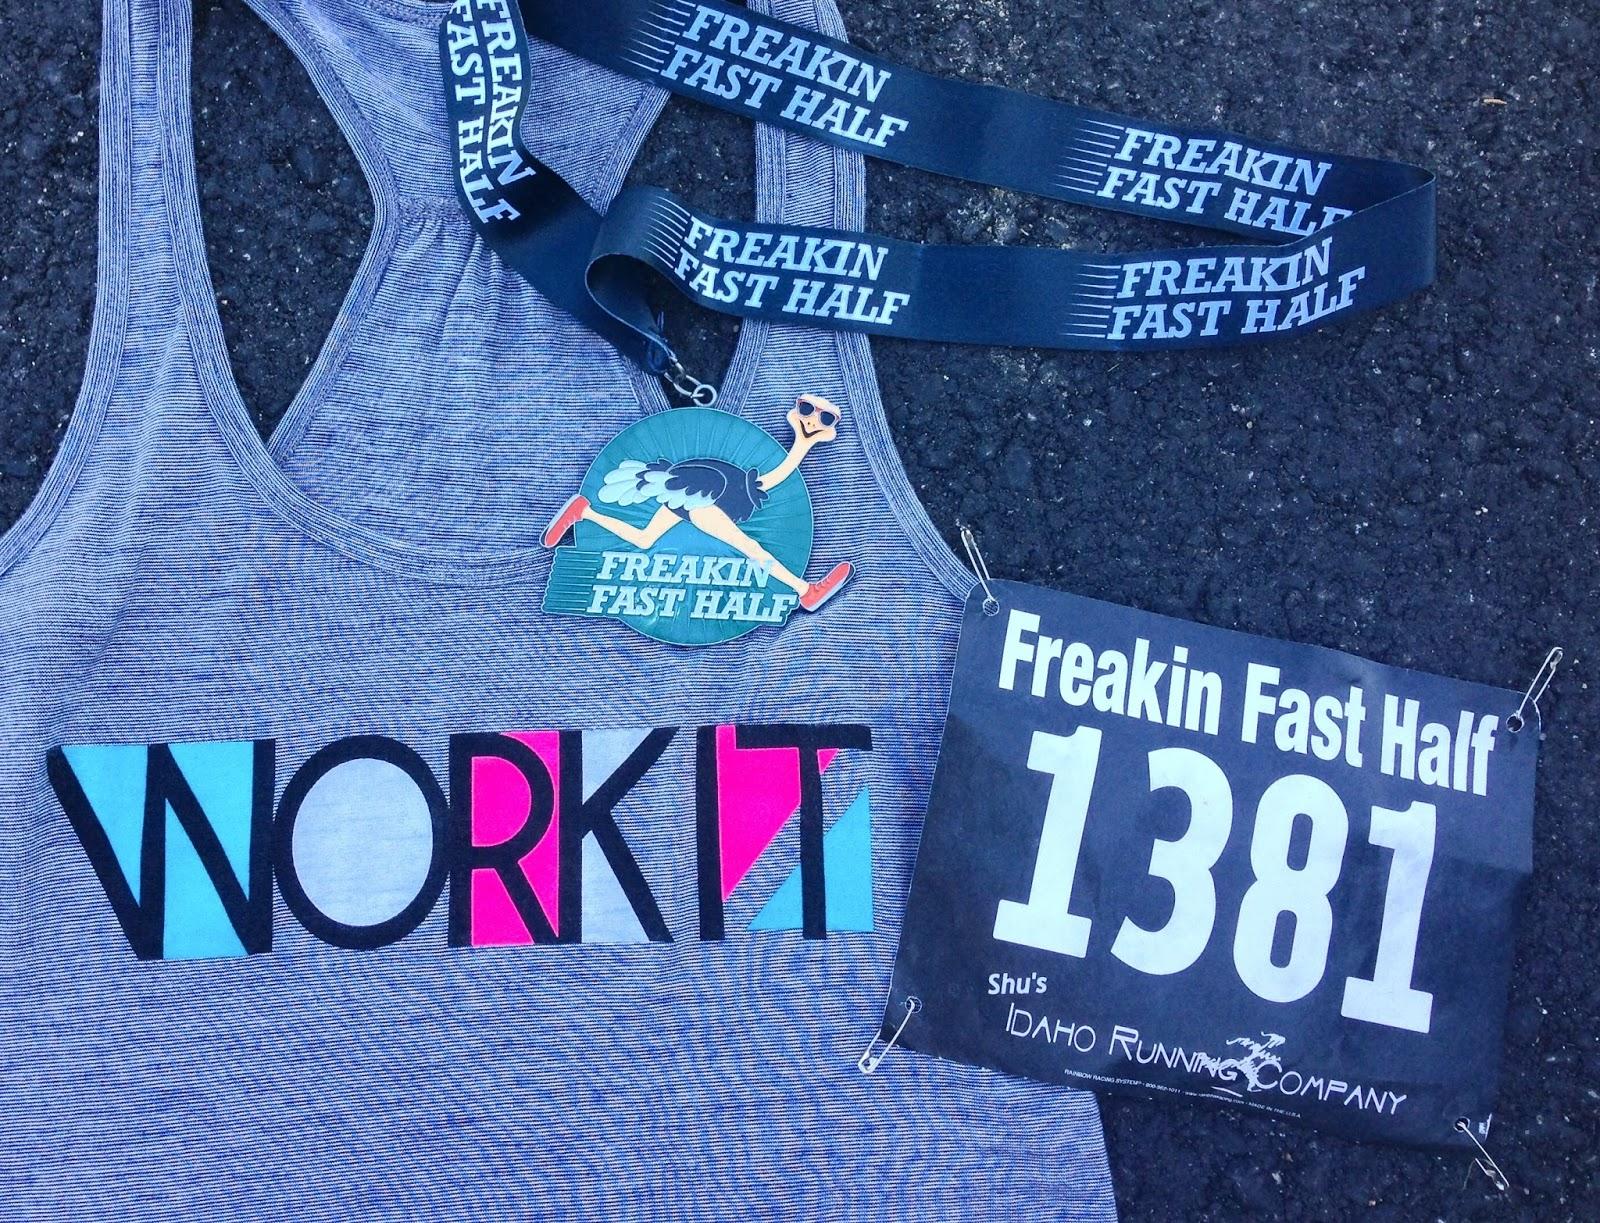 Freakin' Fast Half Marathon, Boise Runner, Downhill Half Marathon, Gordman's Athletic Wear